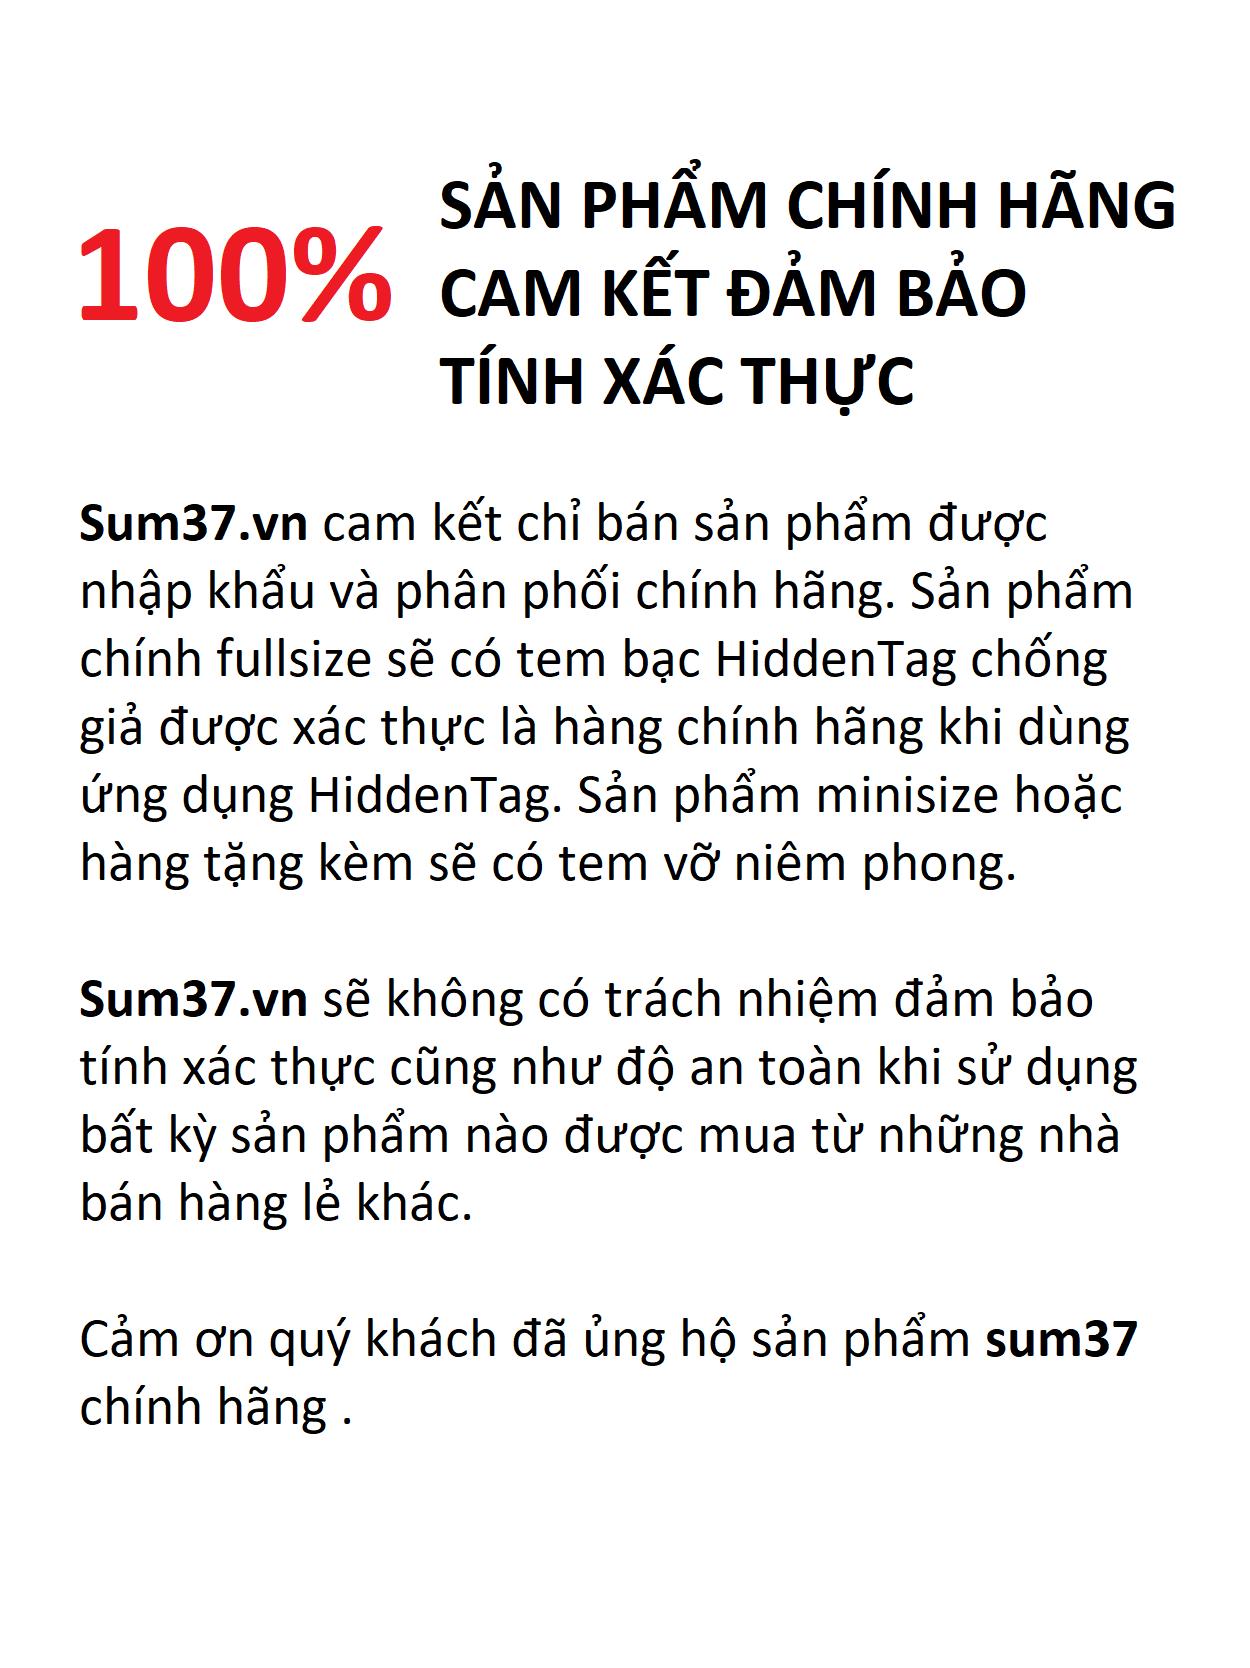 Sum37 Moist Micro Cushion Phiên bản đặc biệt